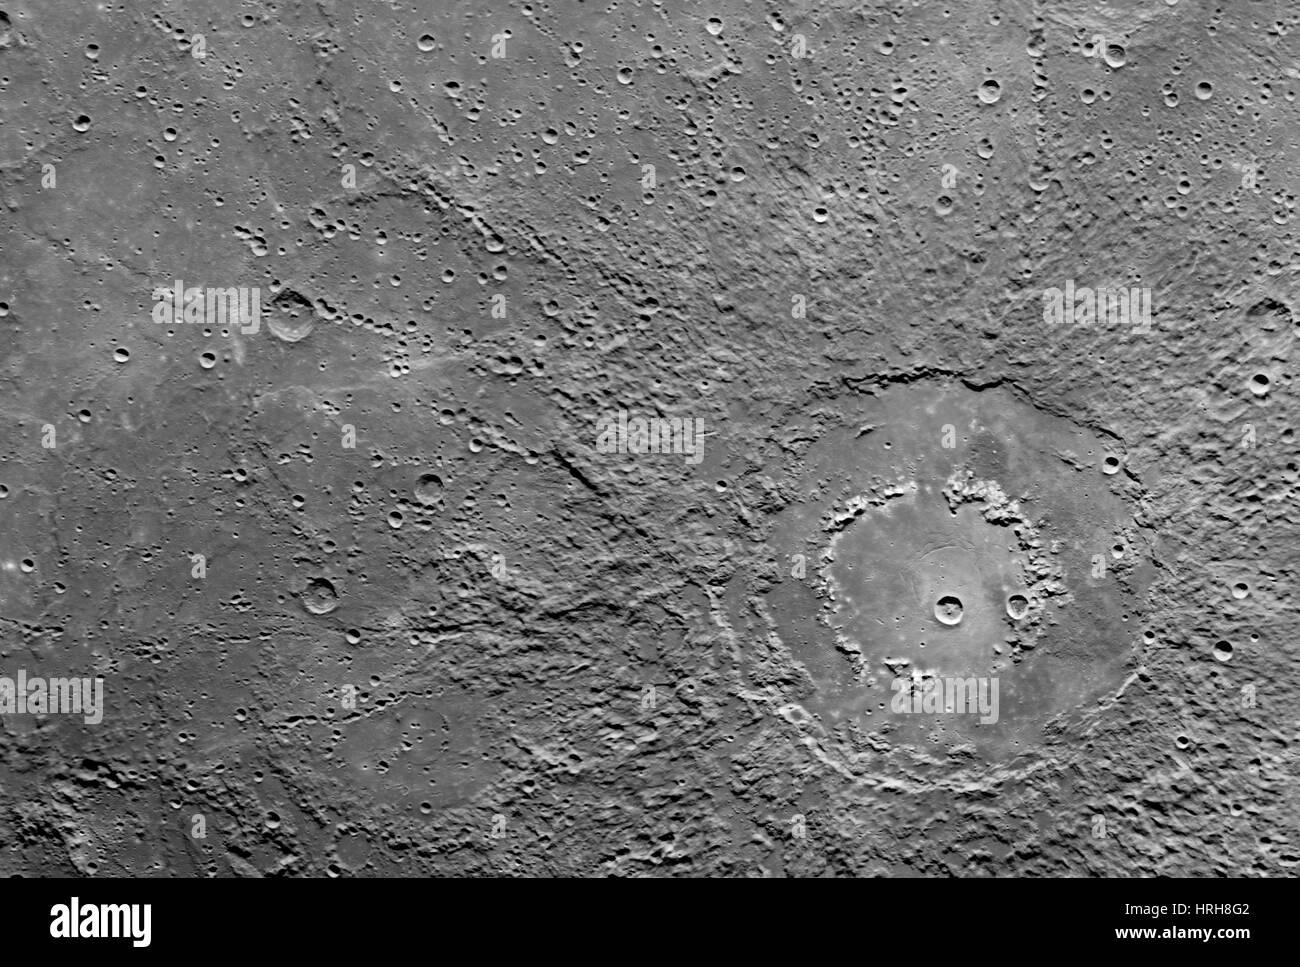 Planet Mercury - Stock Image